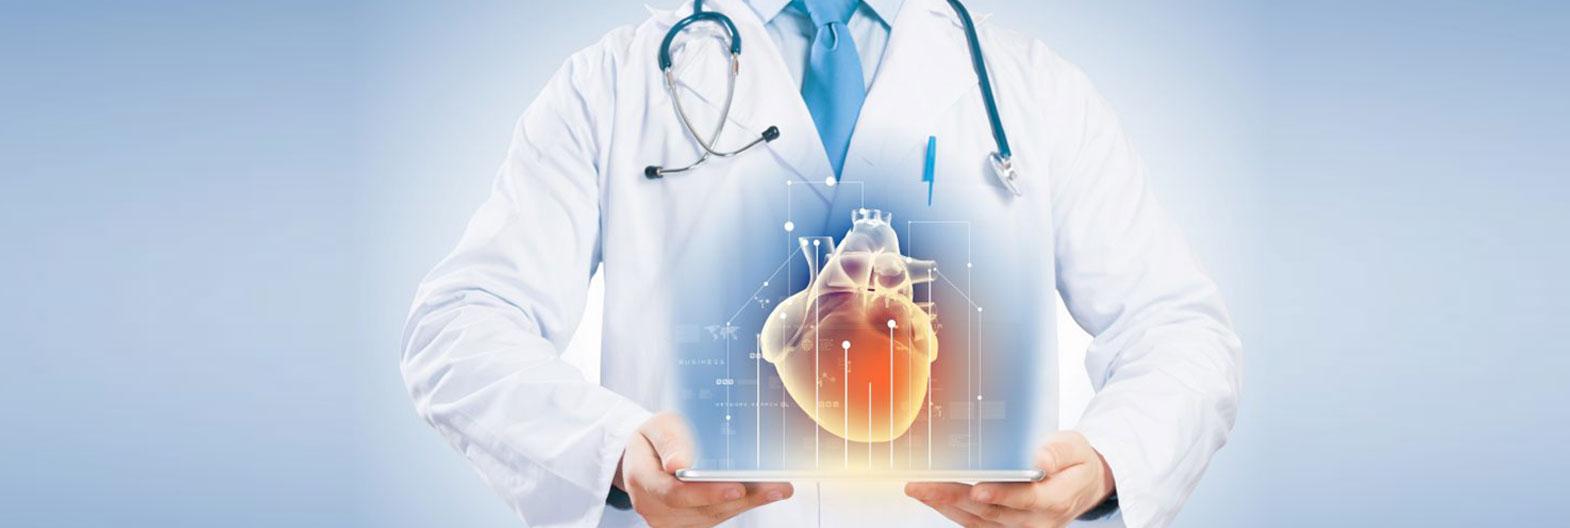 hipertenzijos simptomai ir prognozė)